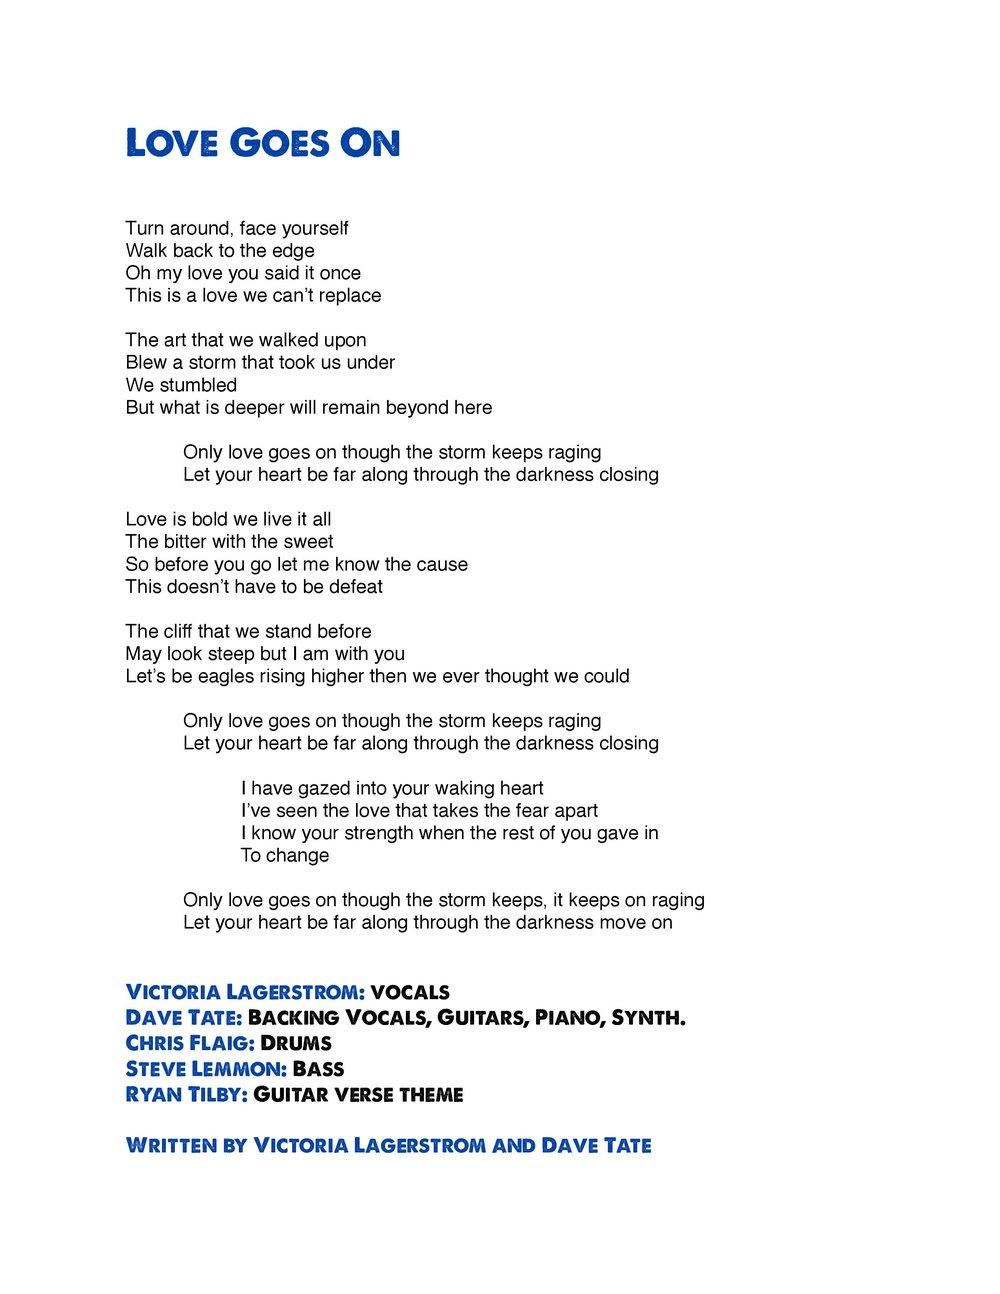 6 Love Goes On Lyrics-page-001.jpg